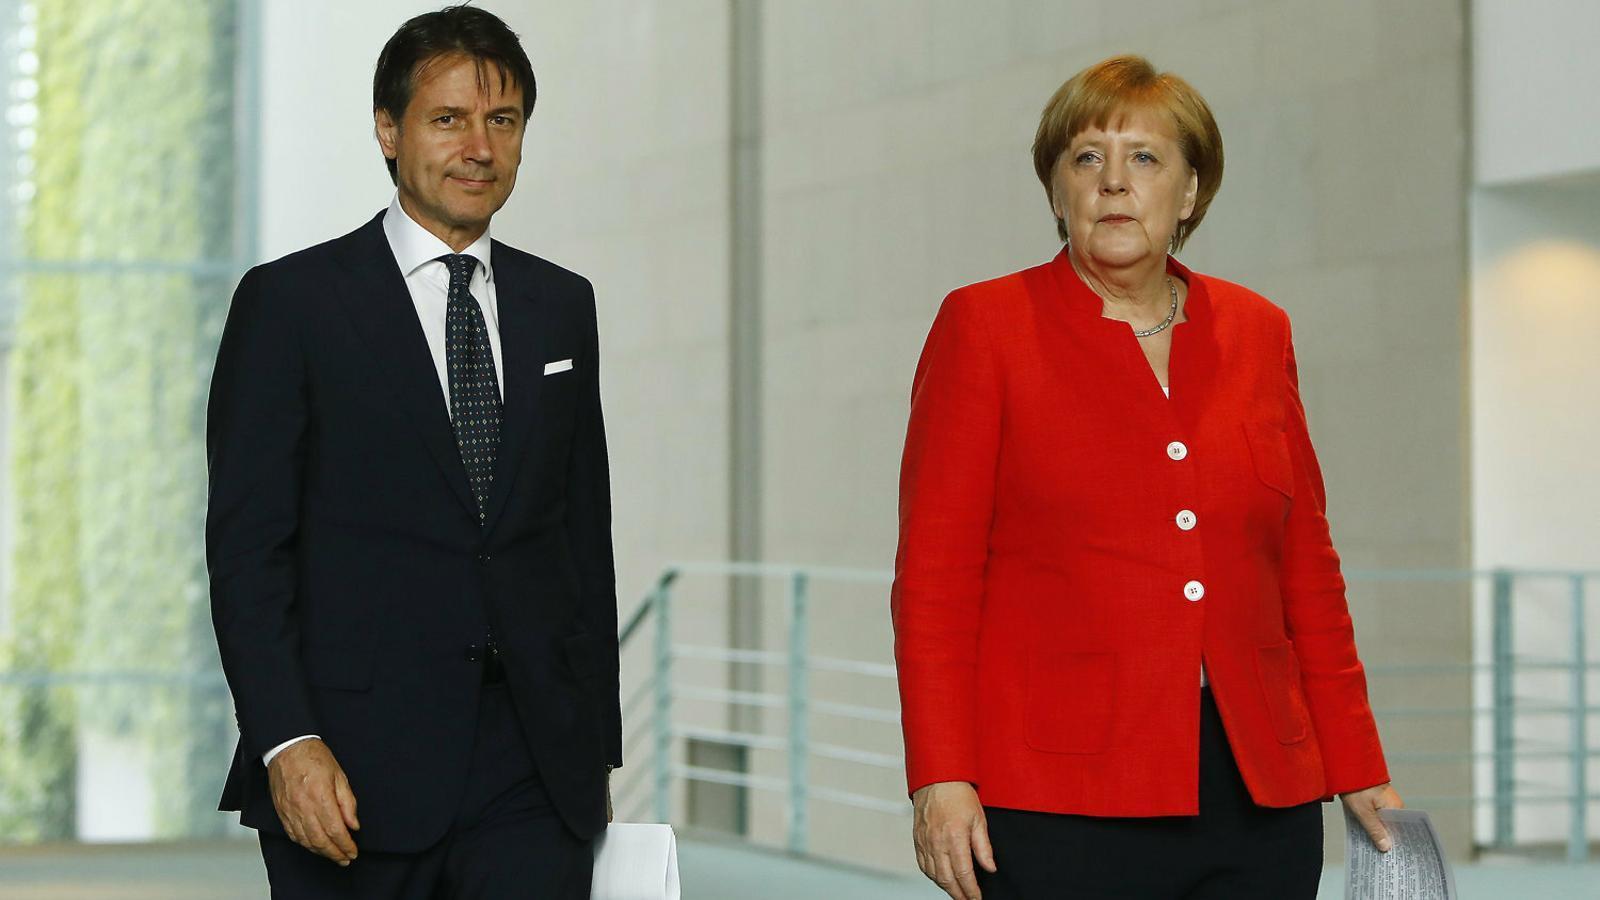 Itàlia i Espanya es planten per la falta de solidaritat dins la UE